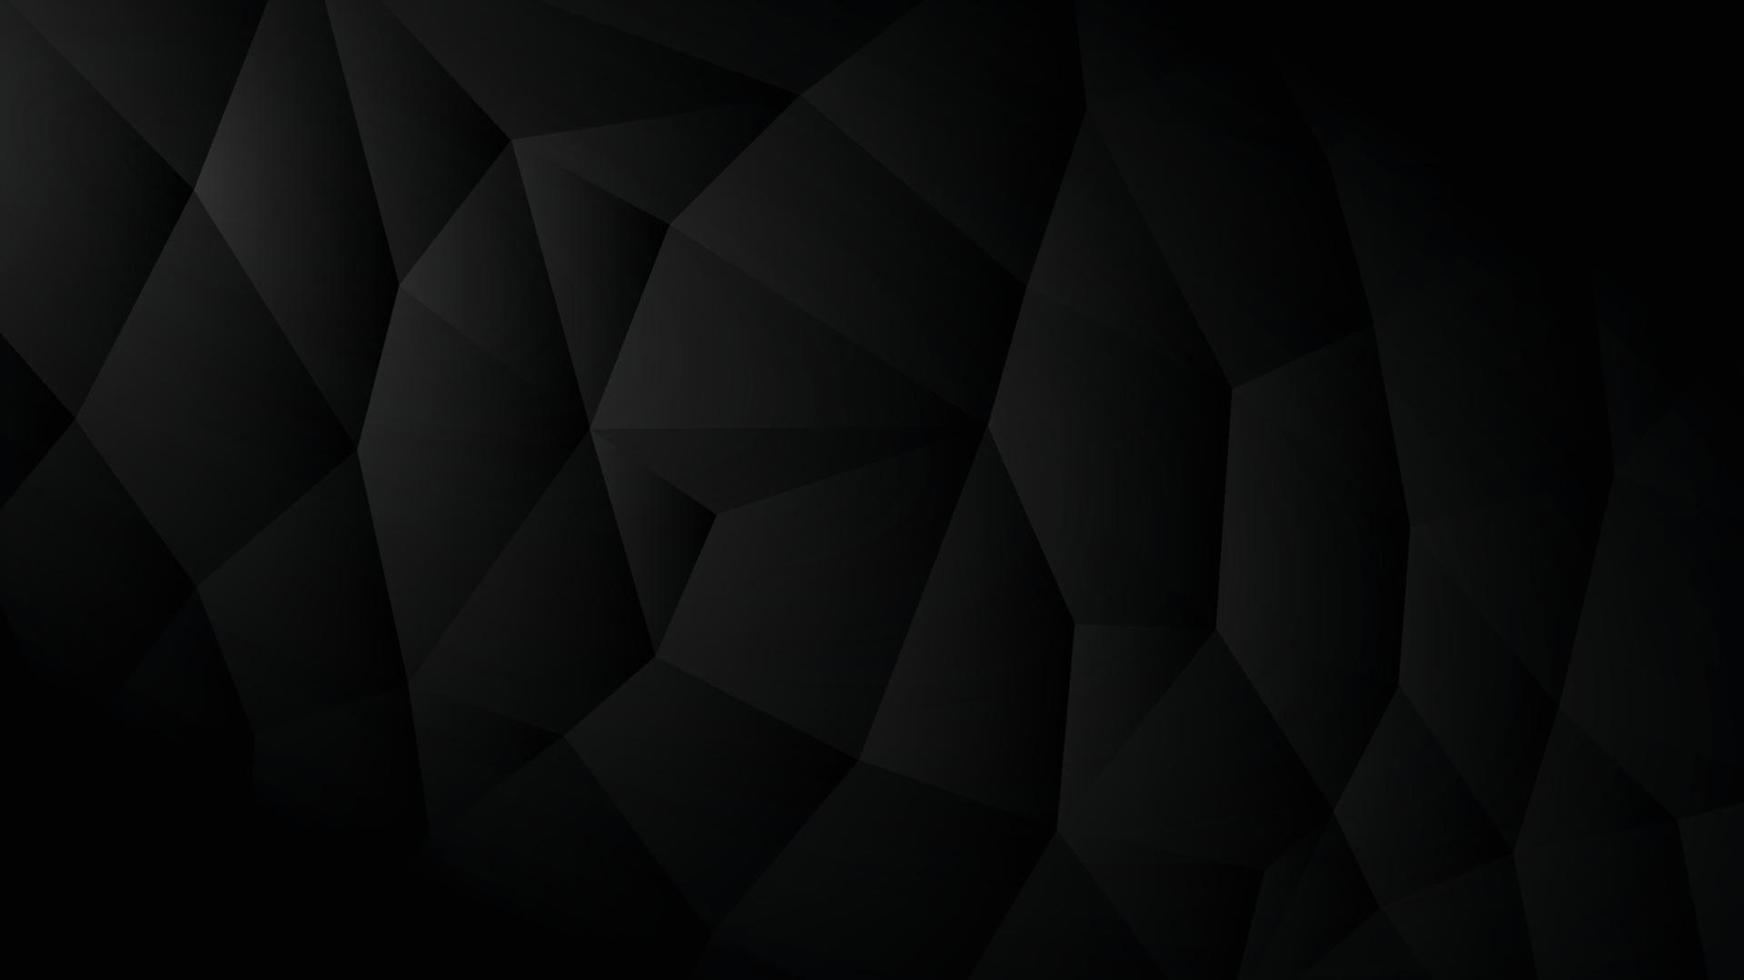 achtergrondafbeelding met oppervlak van driehoeken verbonden in een donkere toon. vector